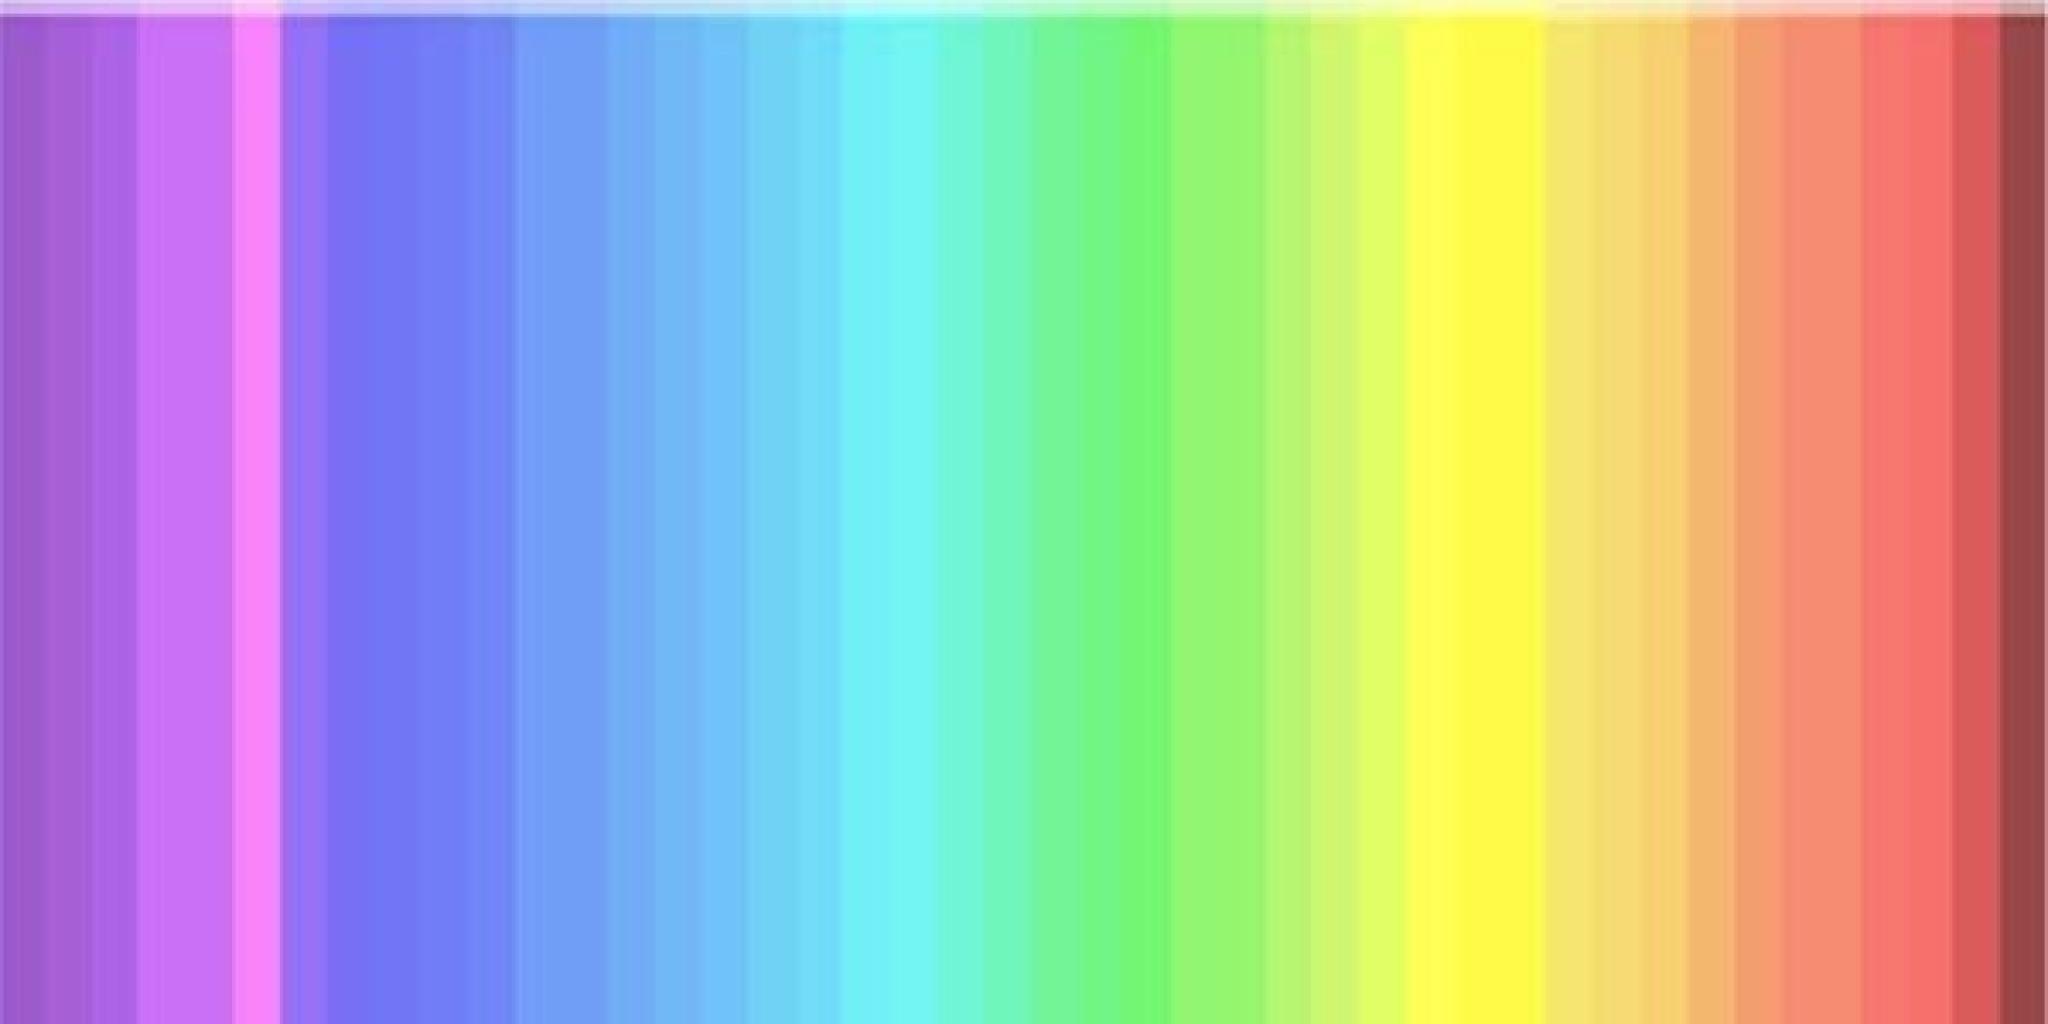 látás 1 25 mennyi